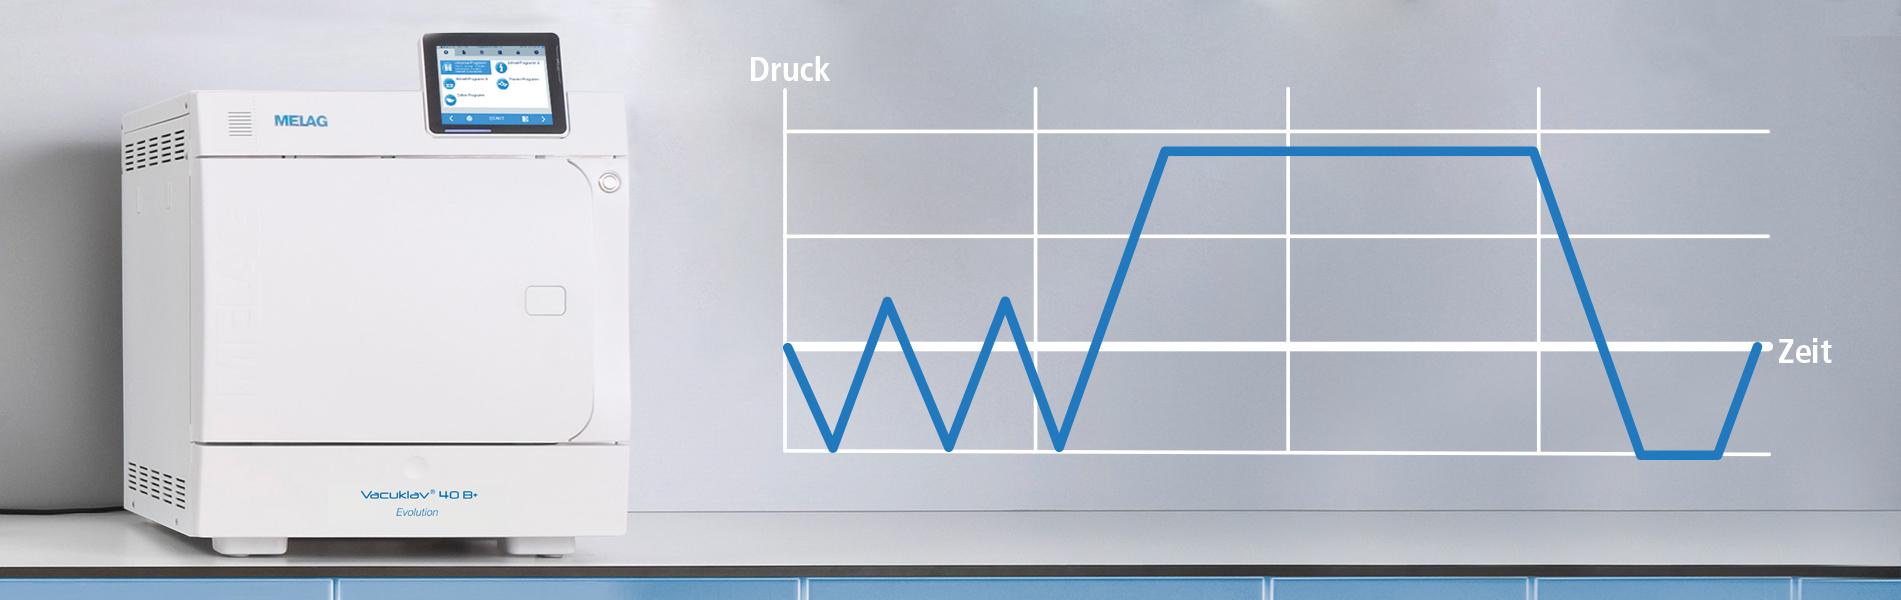 Autoklav Klasse B mit Grafik zum Sterilisationsprozess